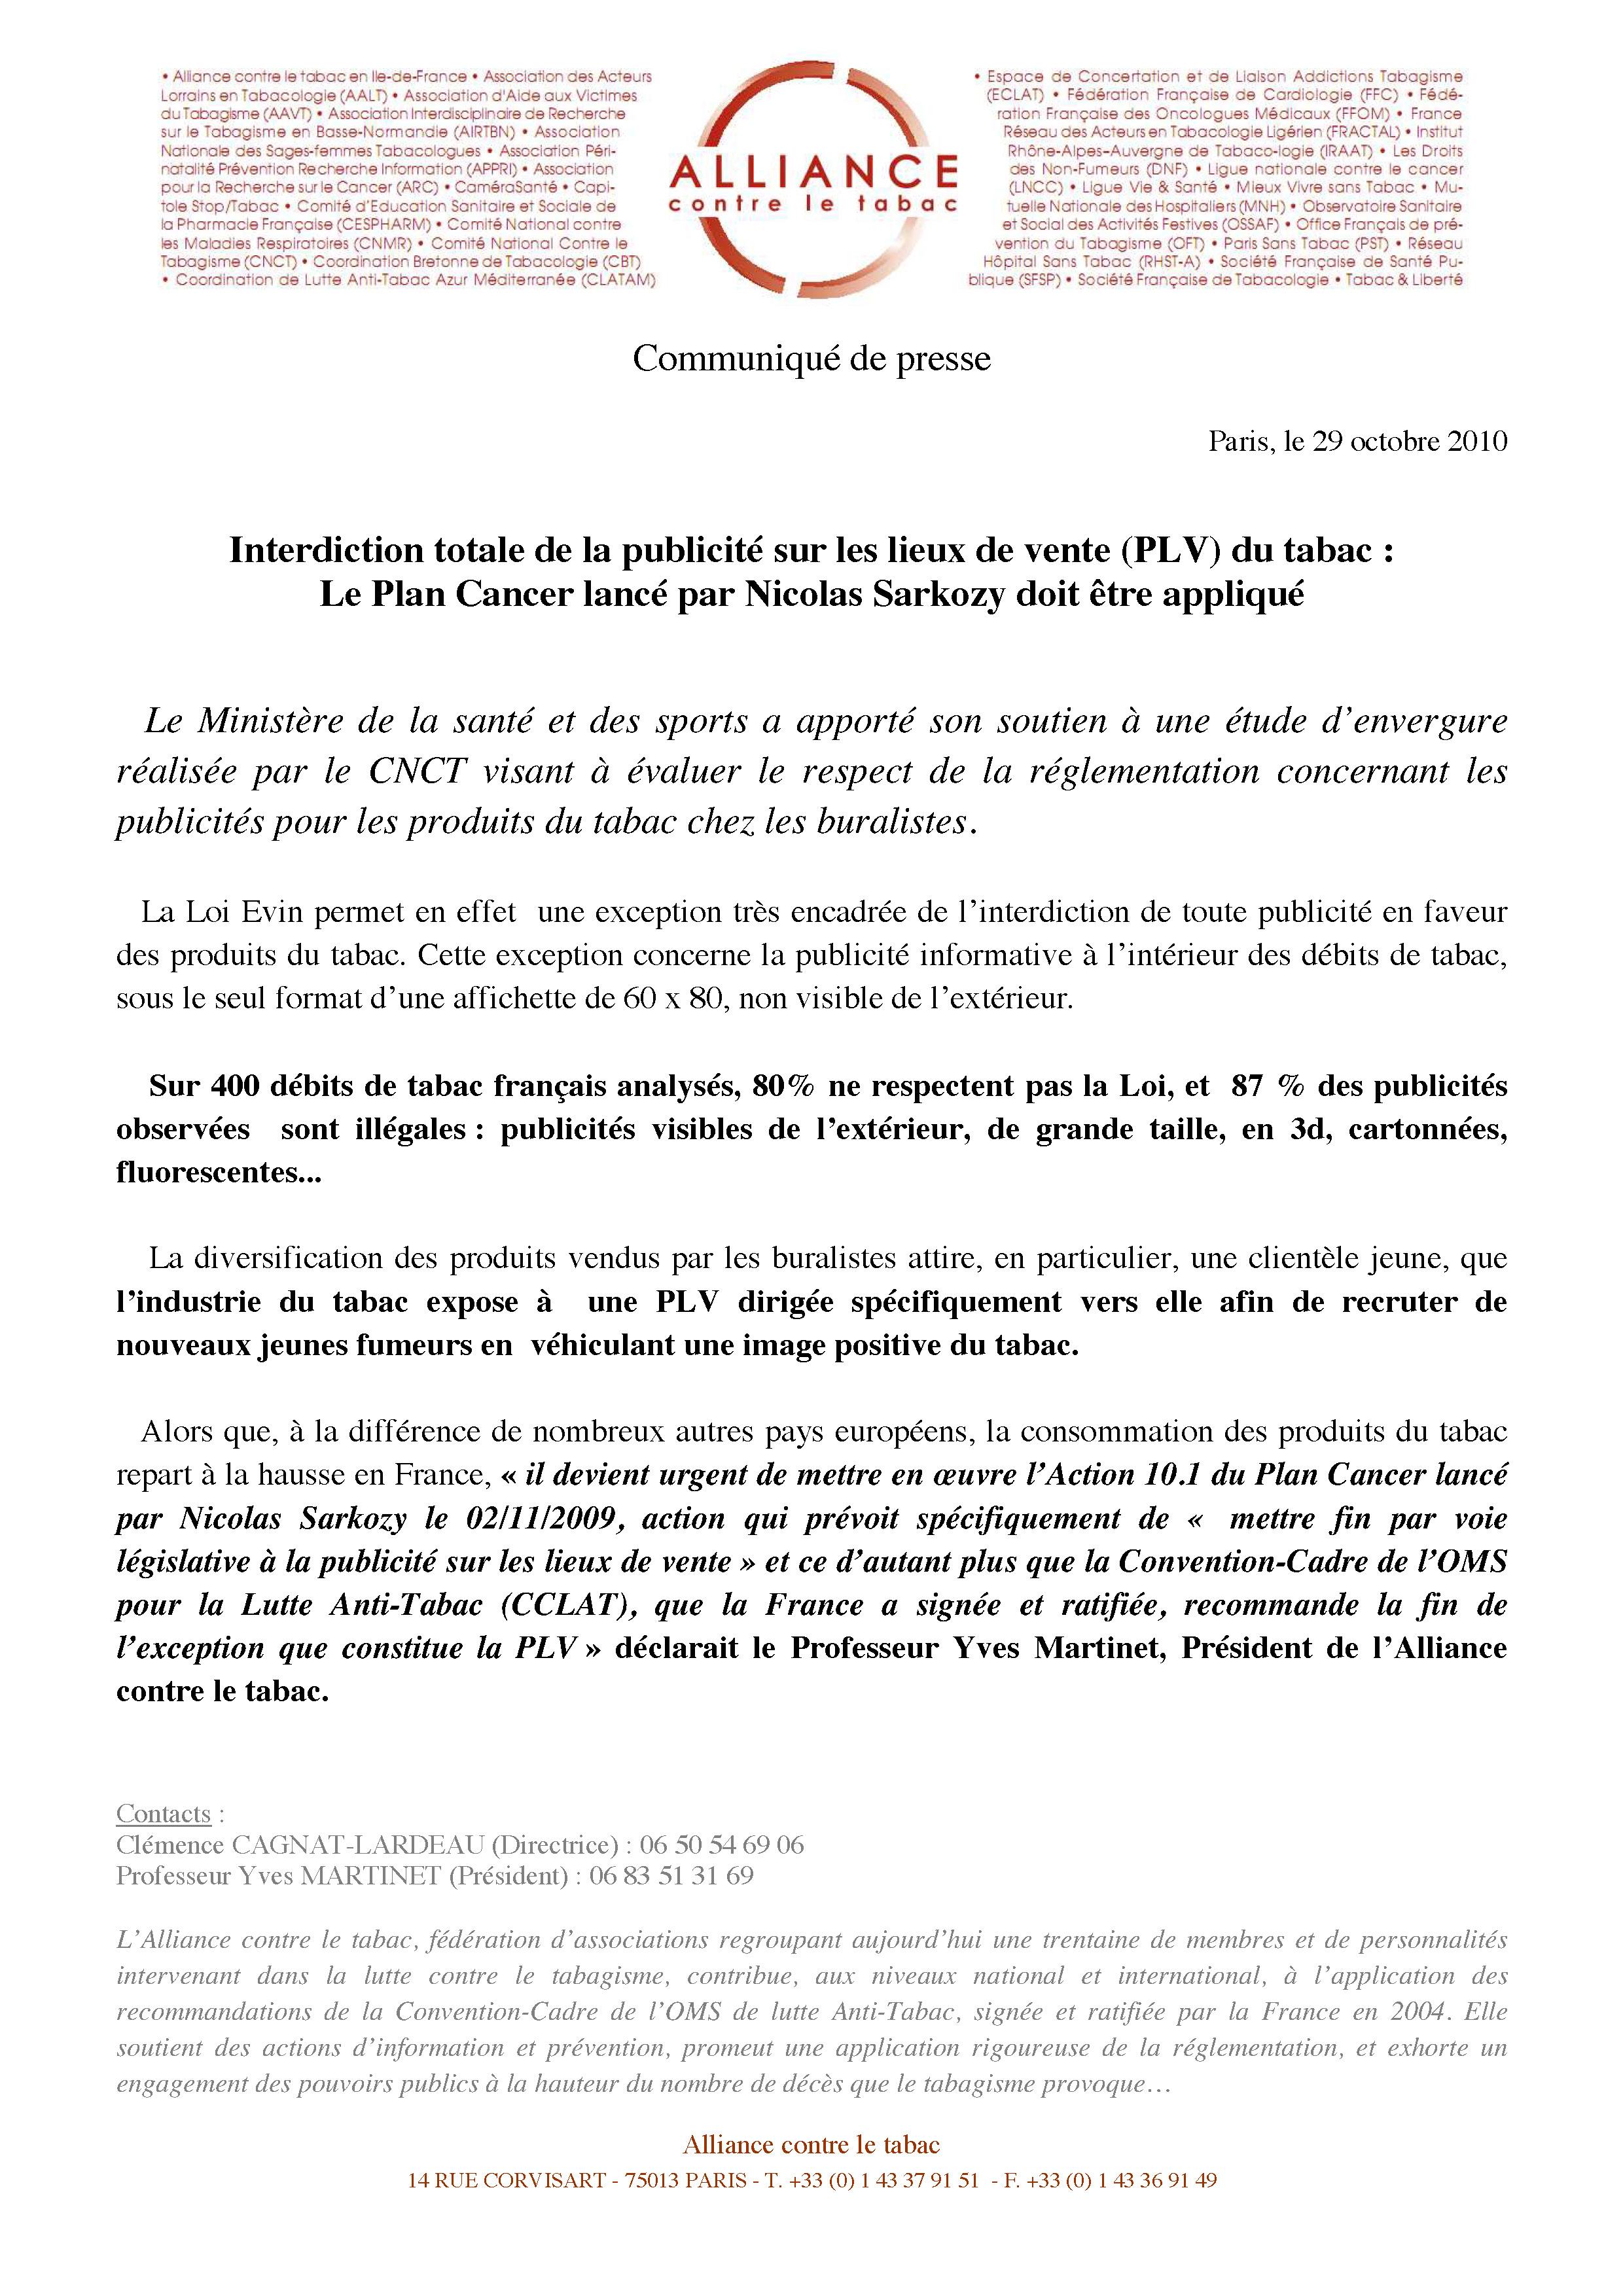 Alliance-CP_interdiction-de-la-plv-soutien-du-cnct-29oct2010.jpg